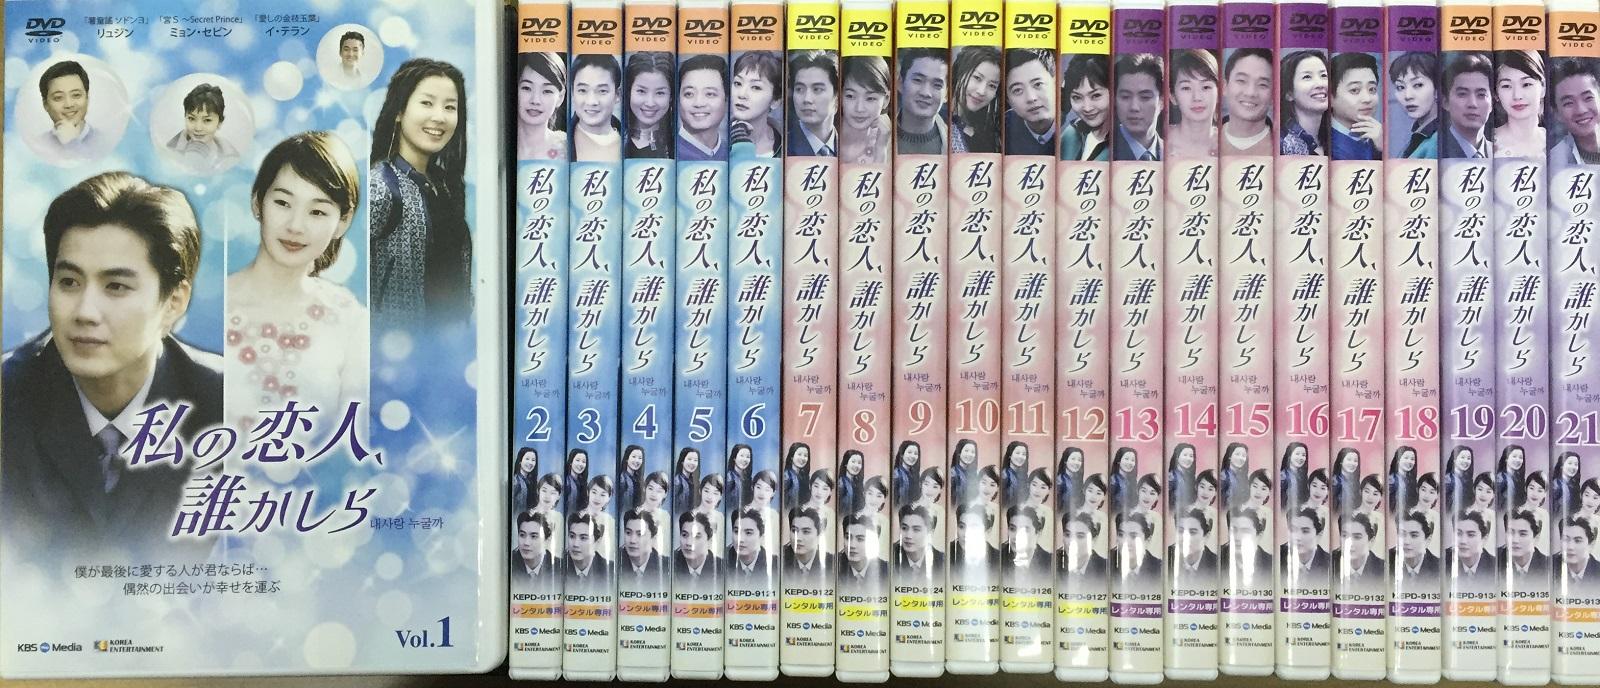 私の恋人、誰かしら日本語吹替えなし 42巻セット 【中古DVD/レンタル落ち/送料無料】